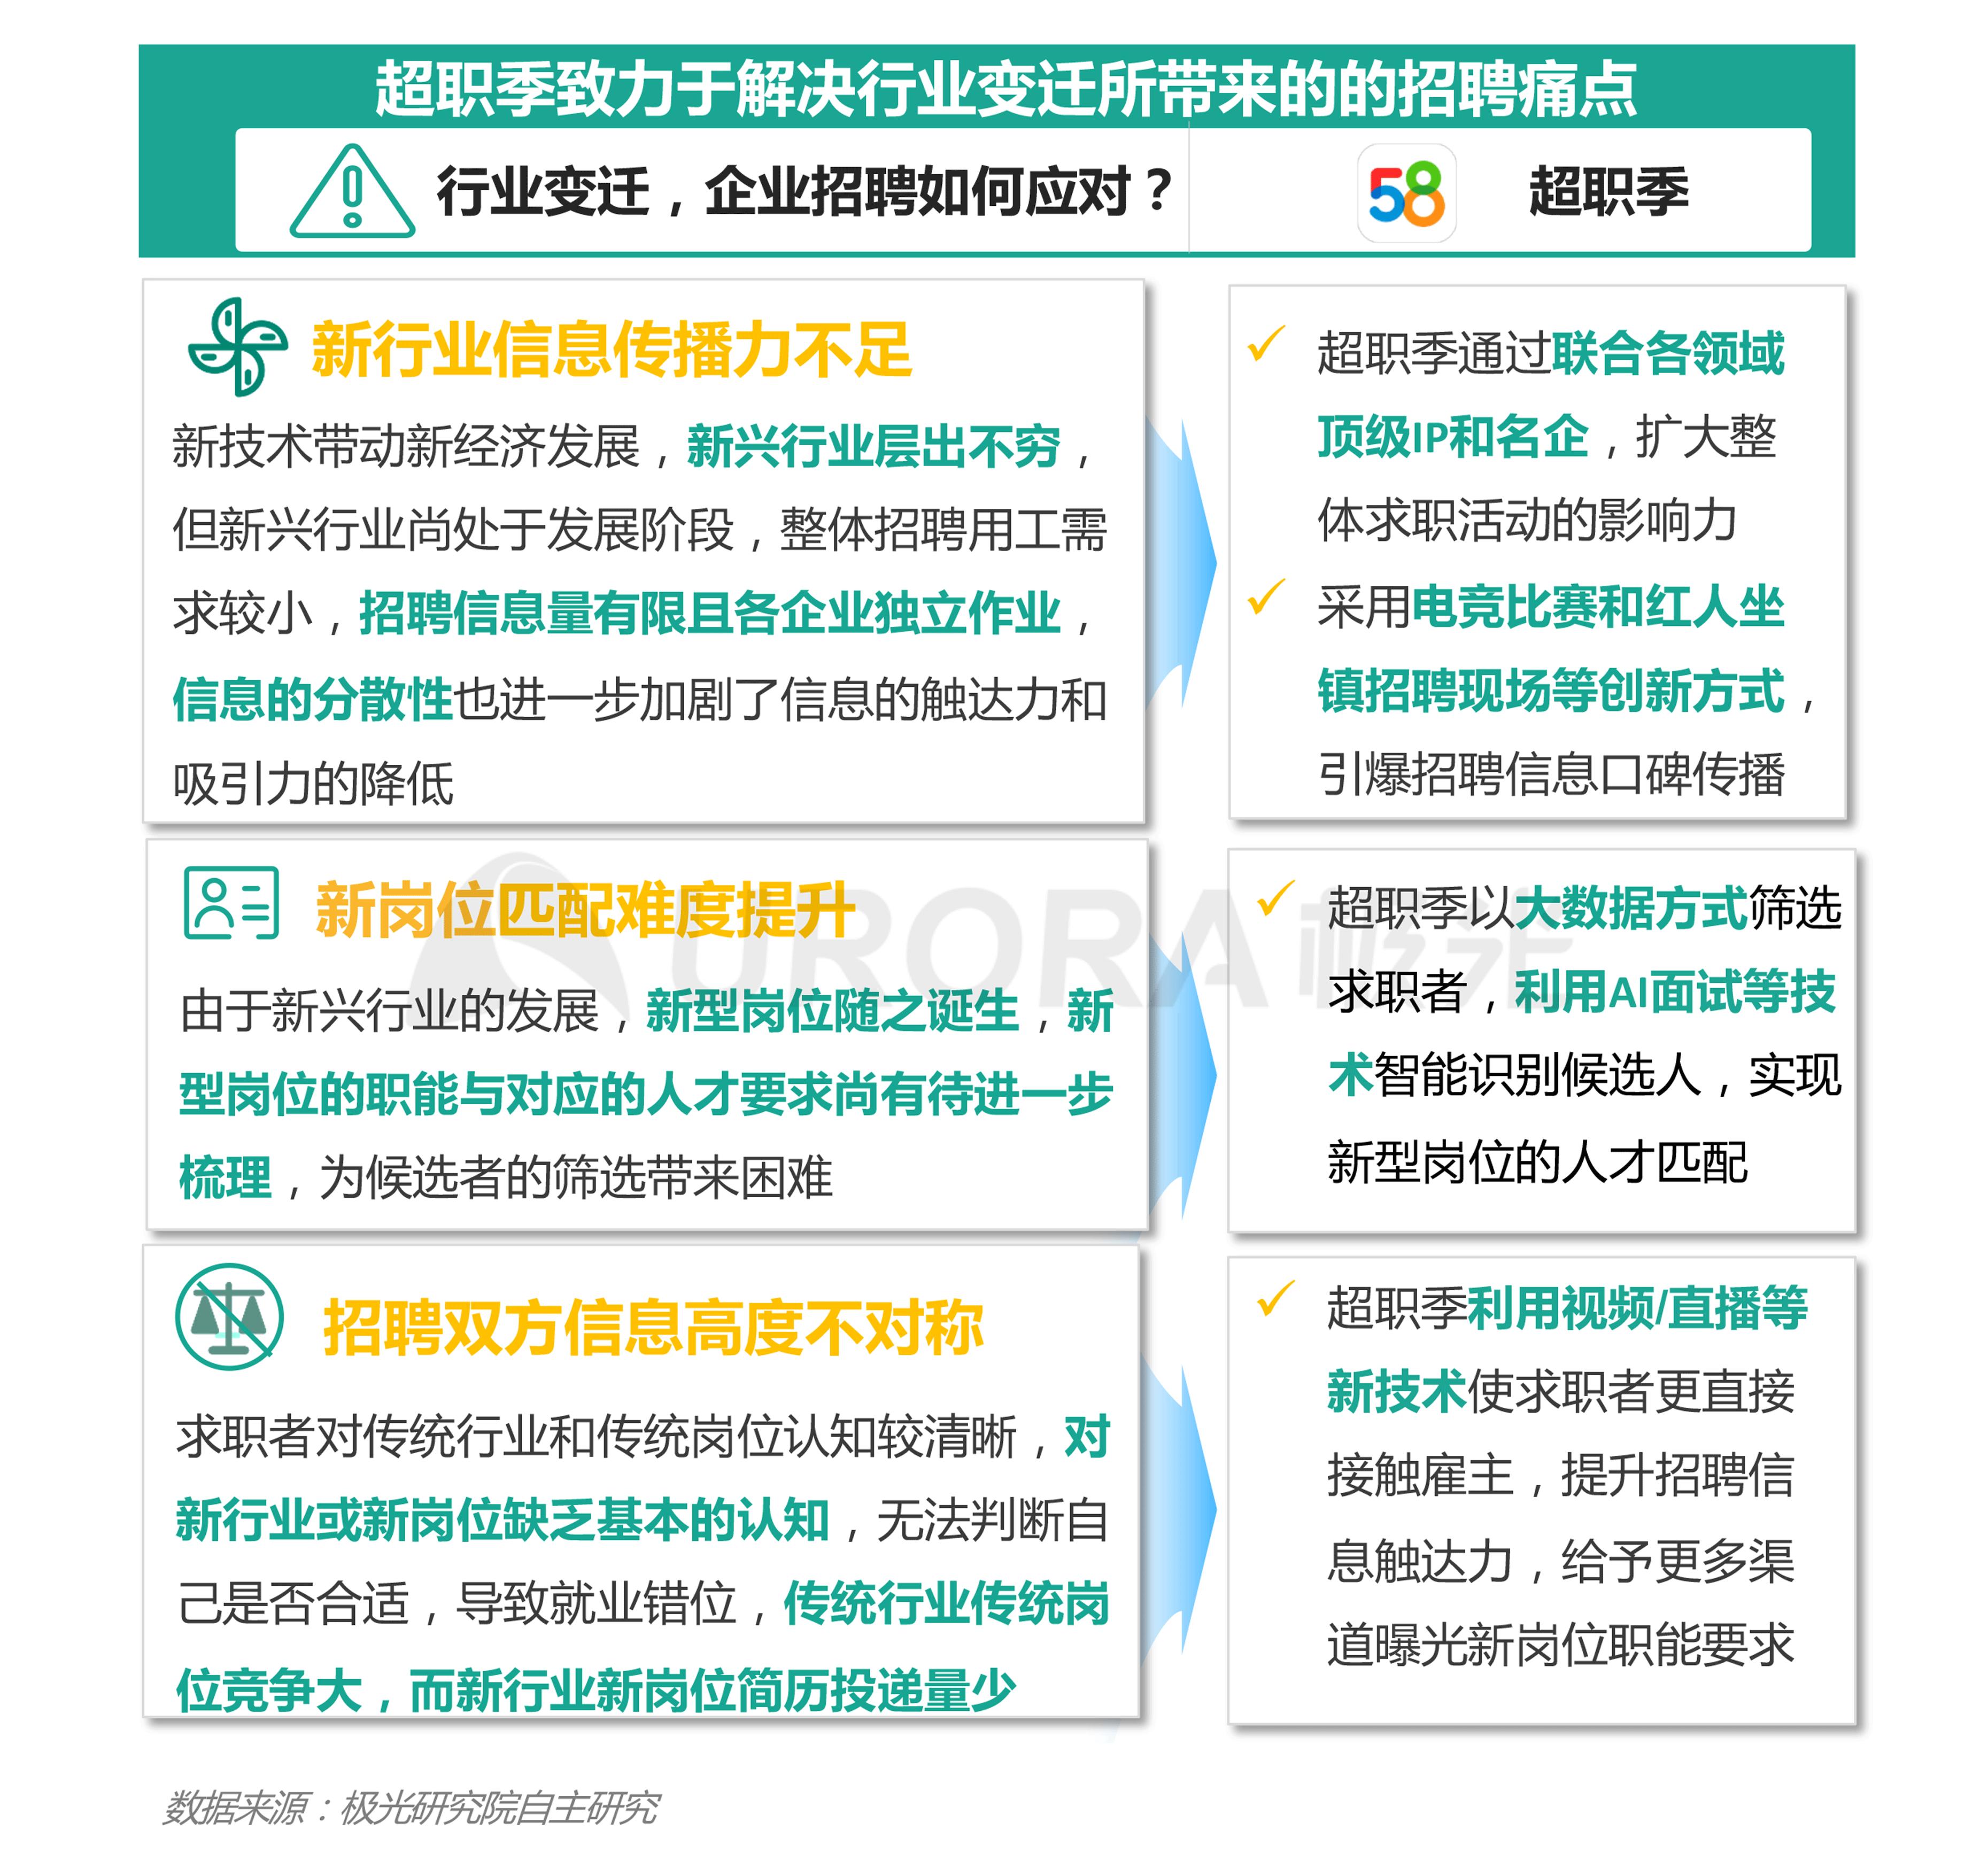 """极光:""""超职季""""招聘行业报告-招聘行业篇png (7).png"""